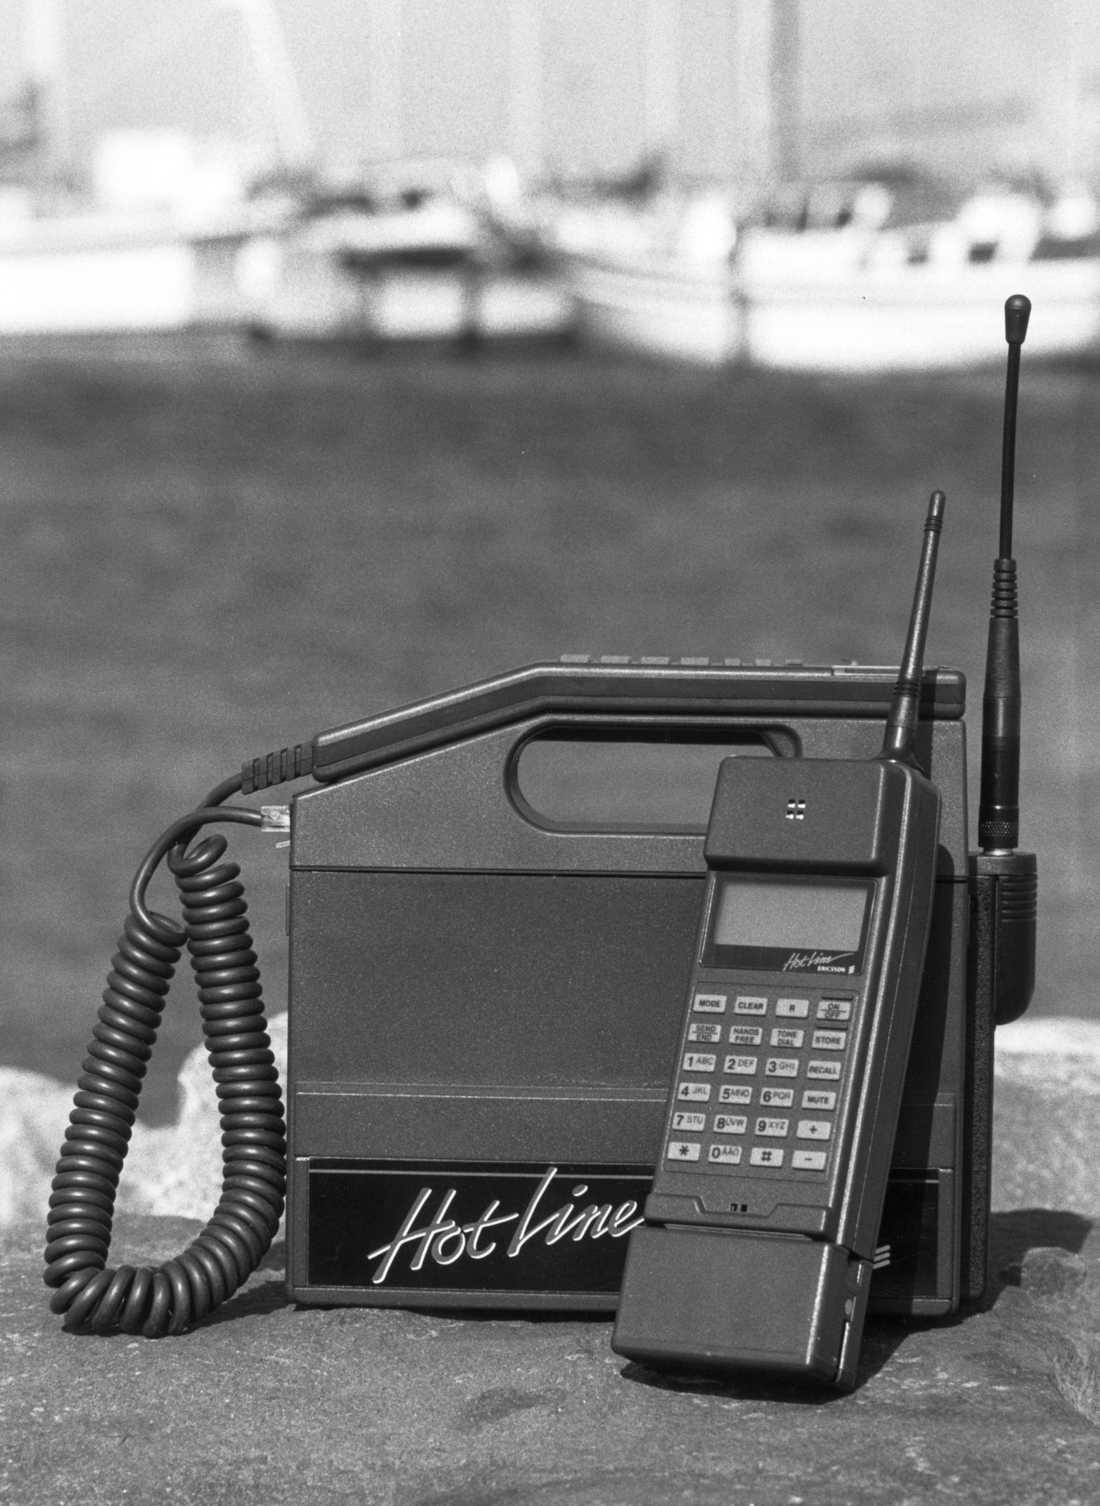 Ericsson Hotline kom 1989 och vägde runt fyra kilo.